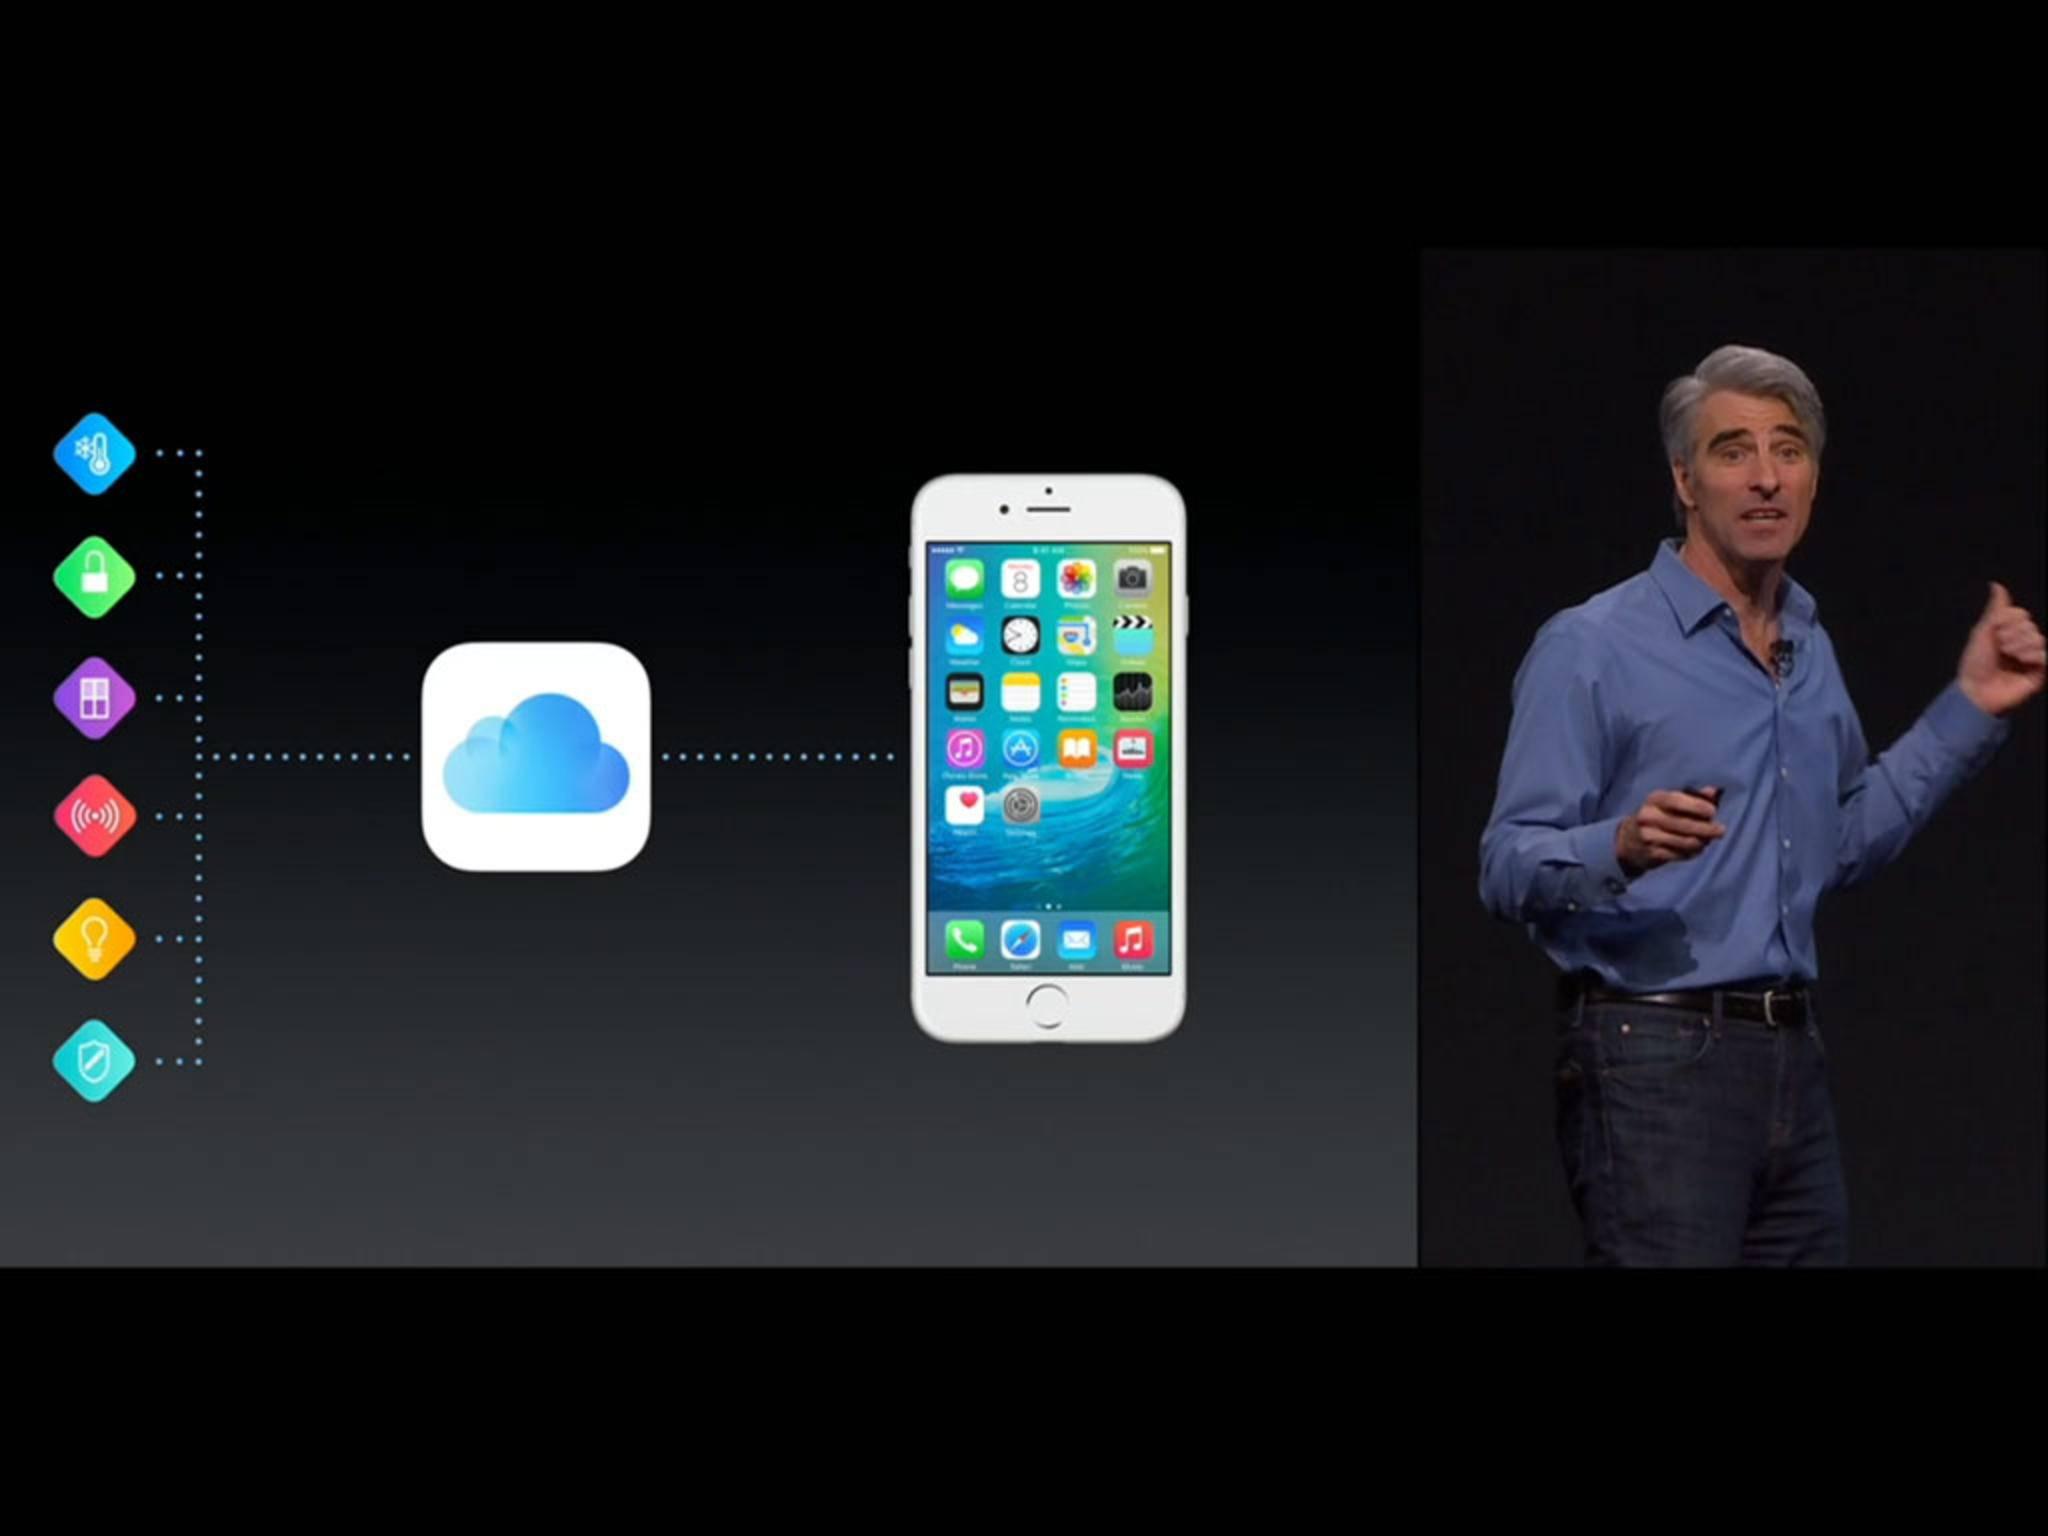 Apple präsentierte auf der WWDC 2015 sein Smart Home-Angebot HomeKit.